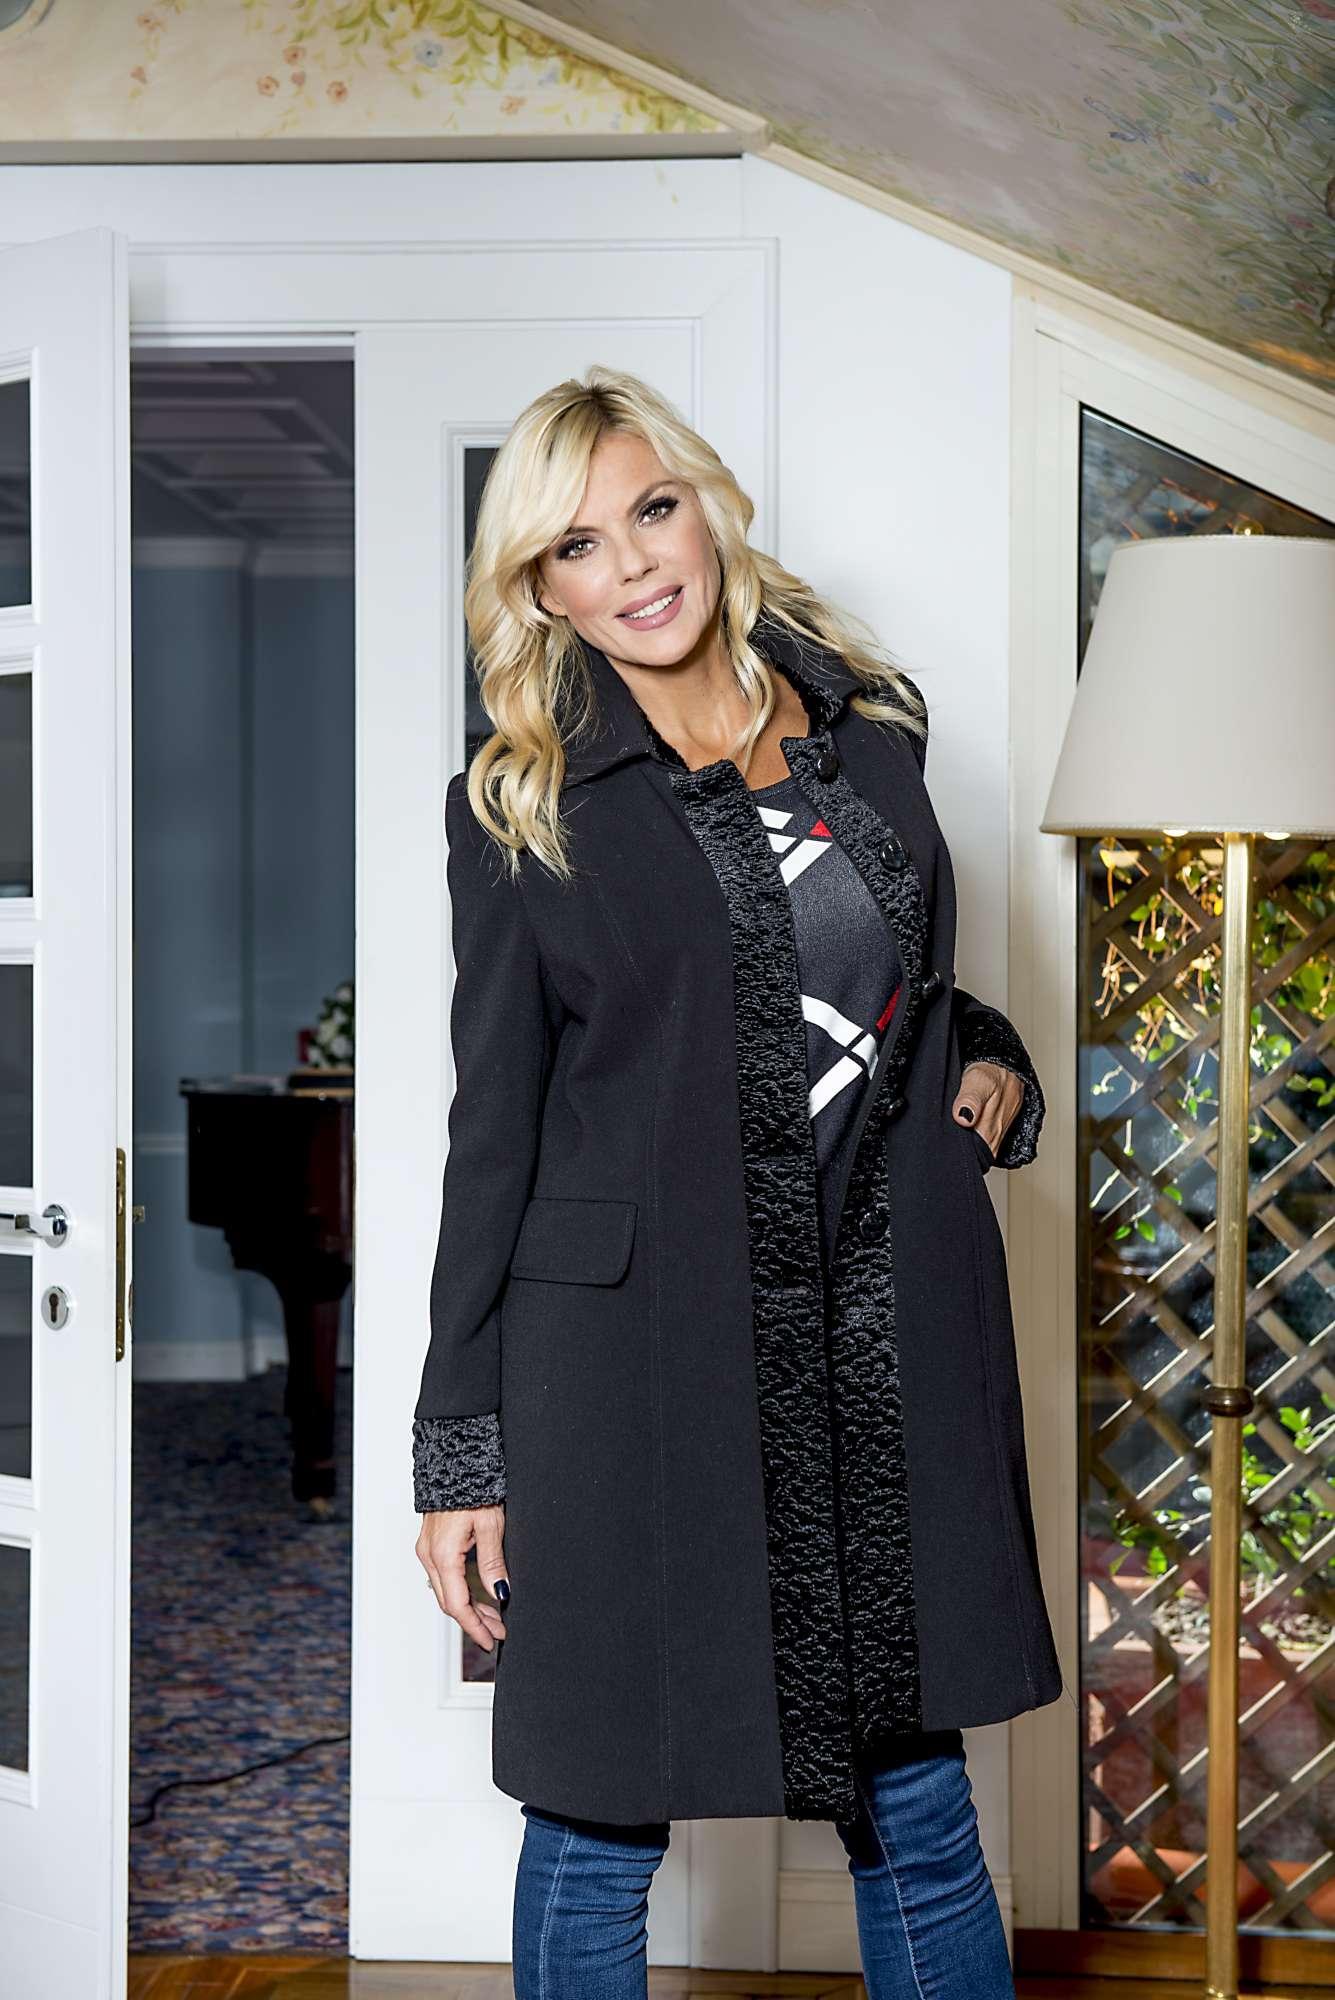 Matilde Brandi, mamma sprint e modella bellissima